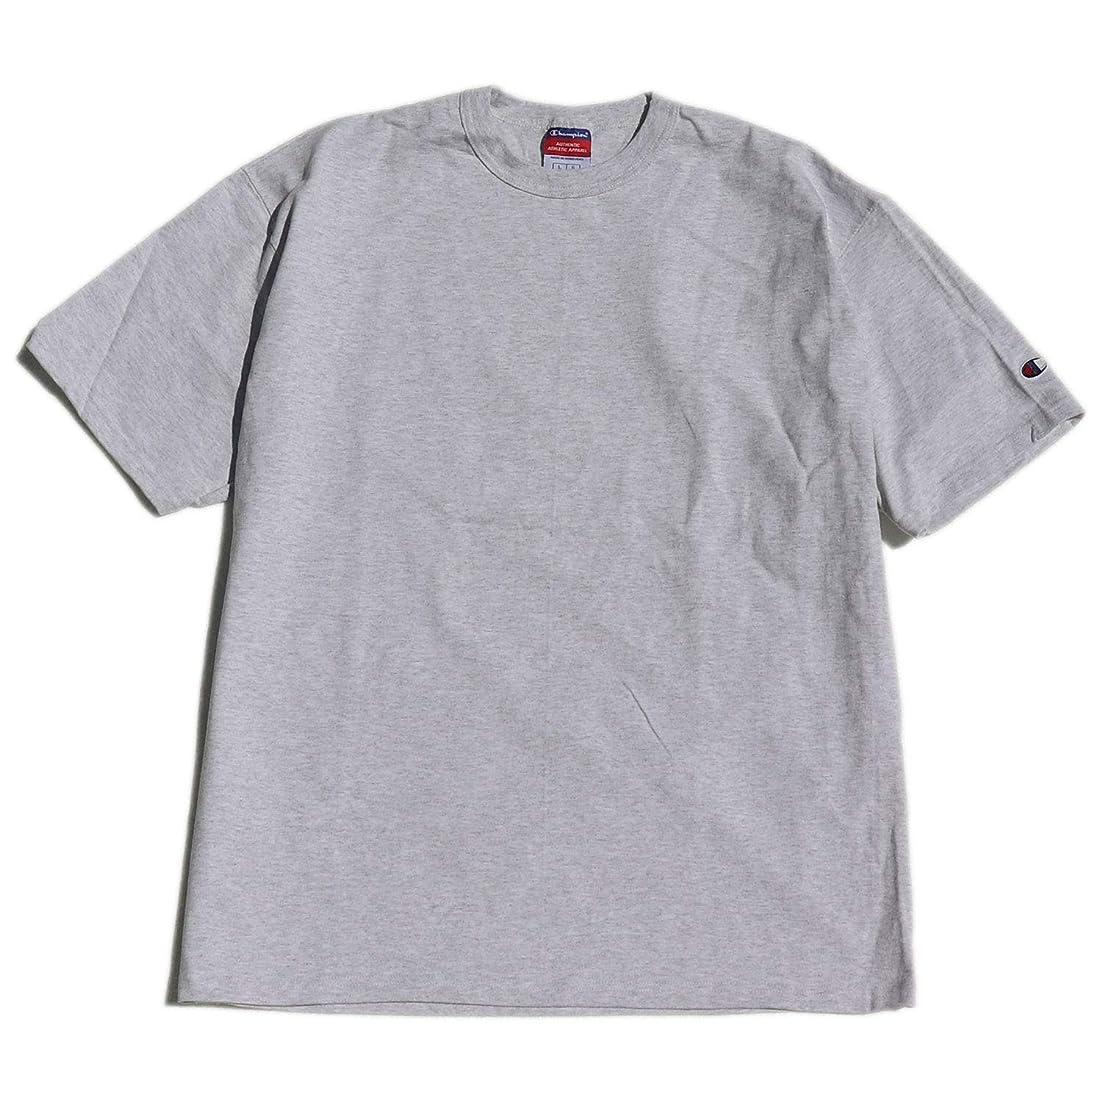 ニコチン効率反映する(チャンピオン) Champion Heritage 7oz. Jersey Tee T2102 ヘビーウェイトTシャツ アメリカ企画